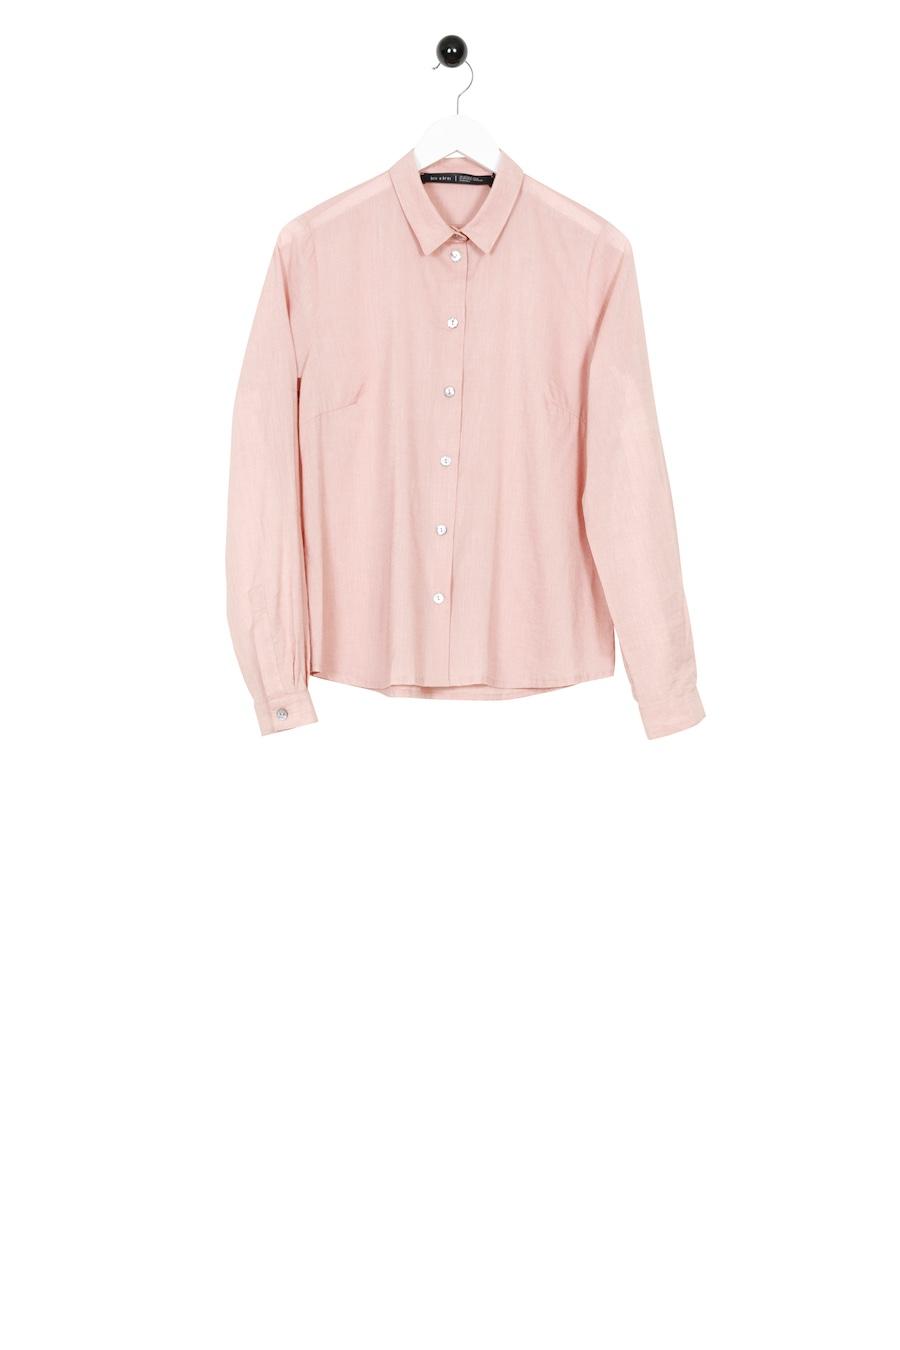 Sandel Shirt